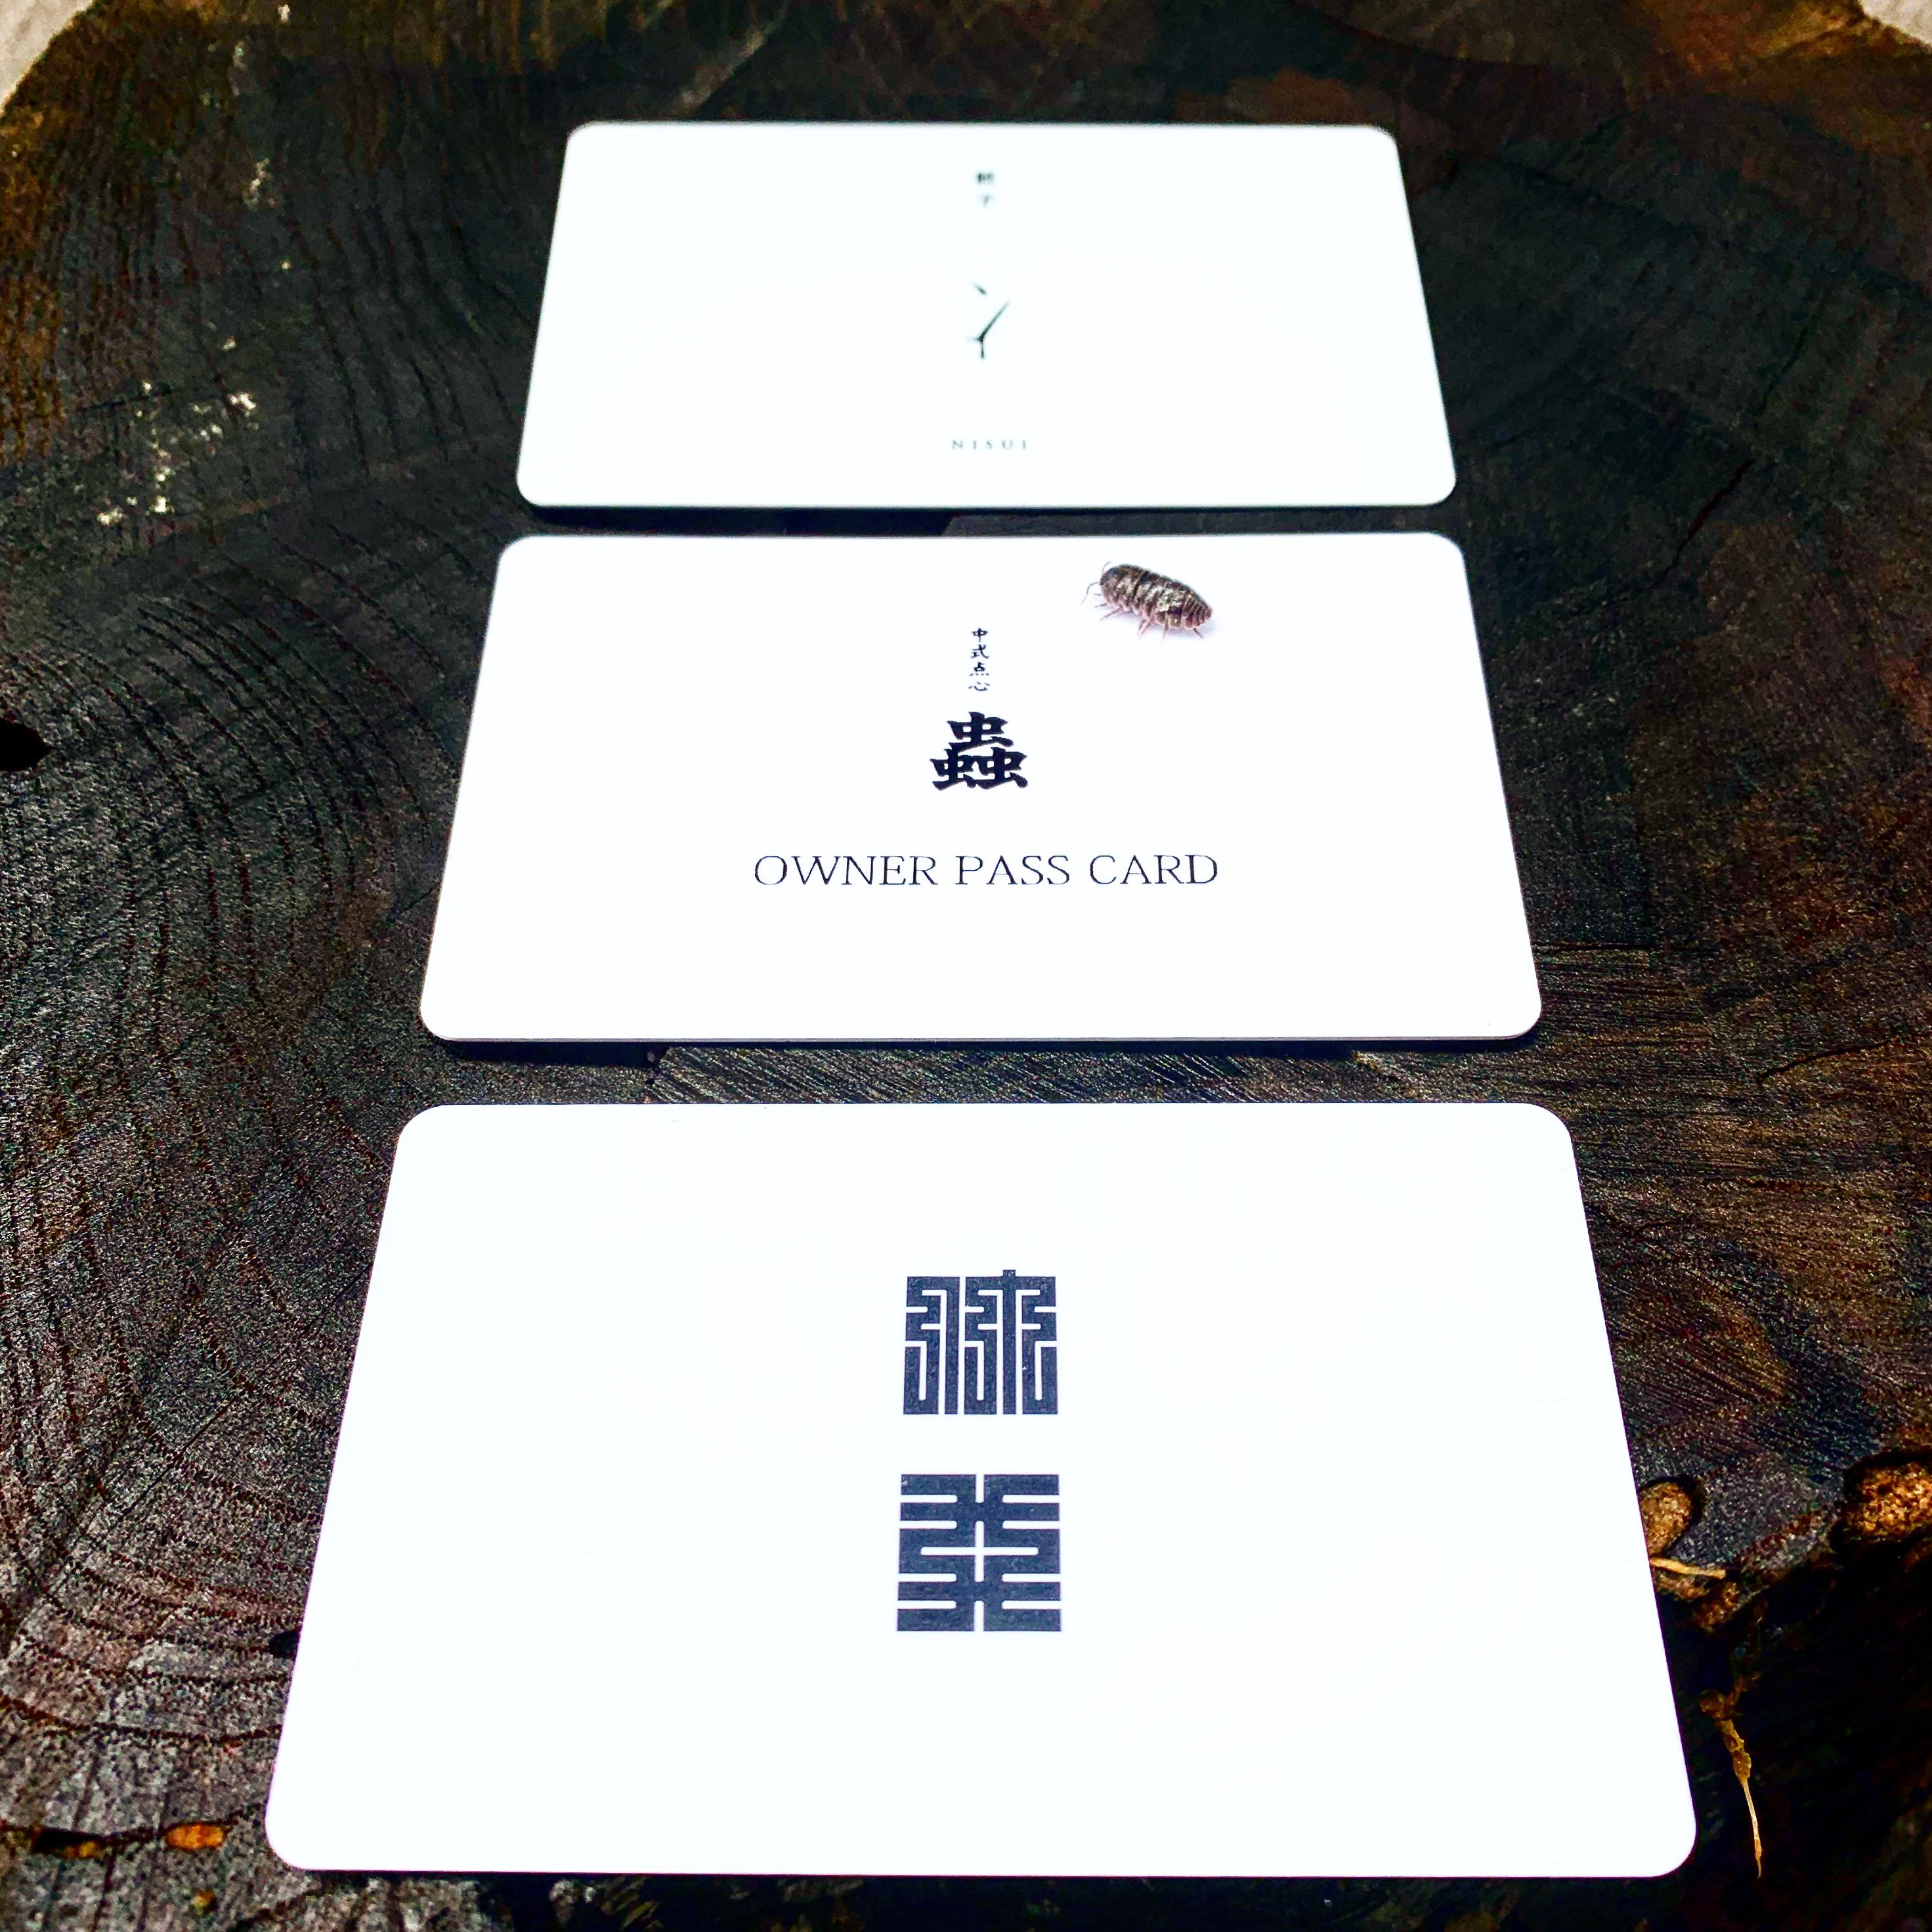 会員カードサンプル画像